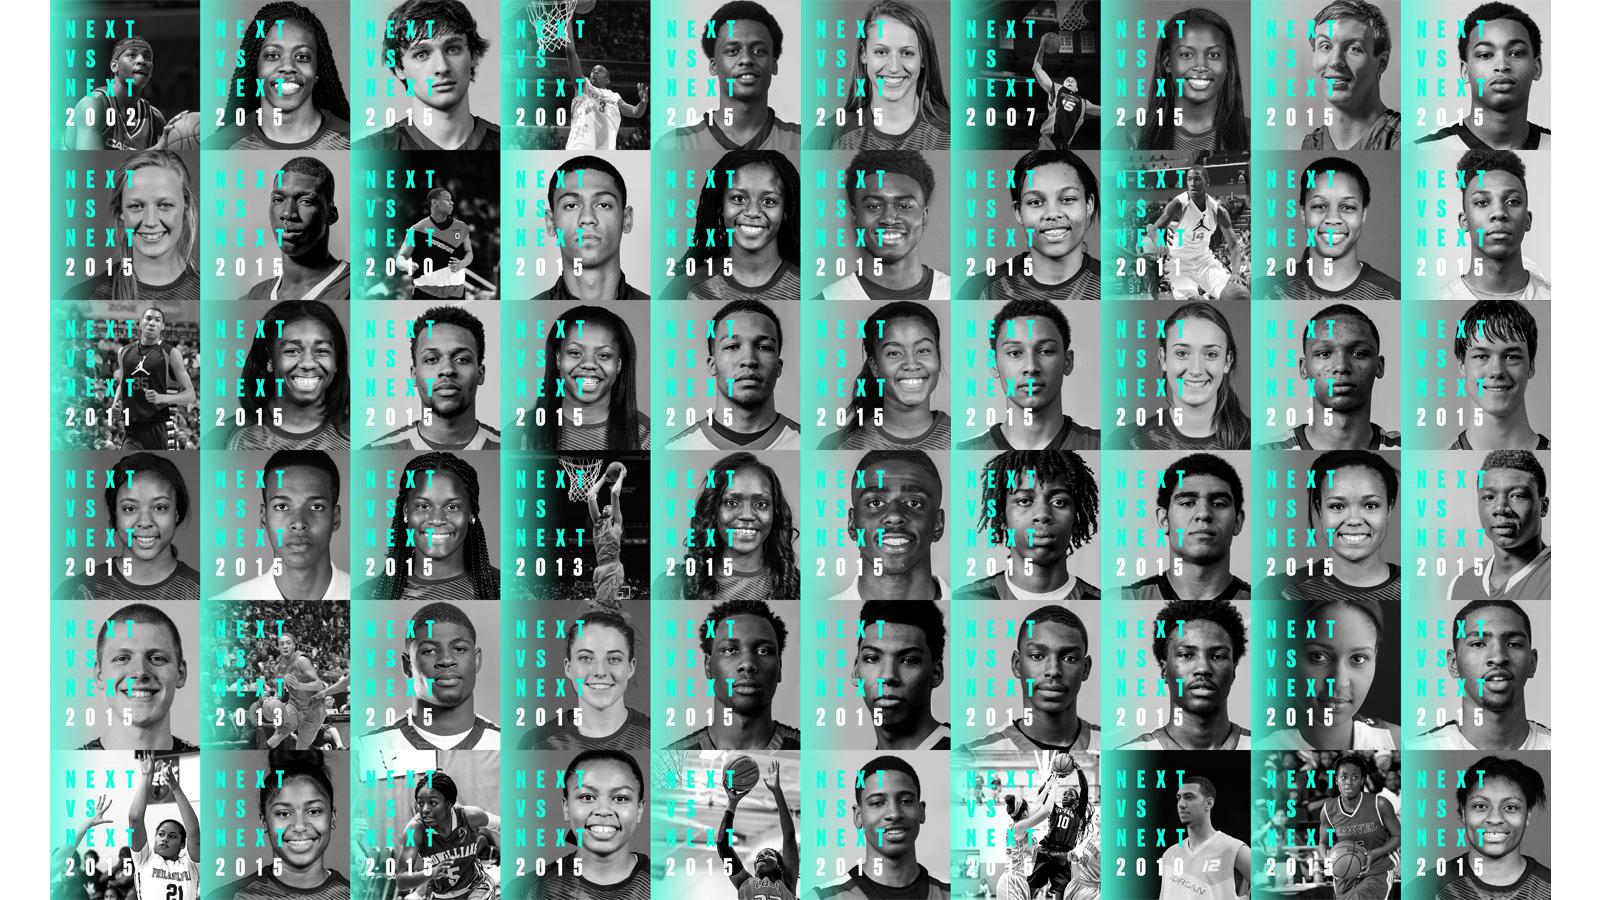 Jordan Brand Classic Alumni and 2015 Participants